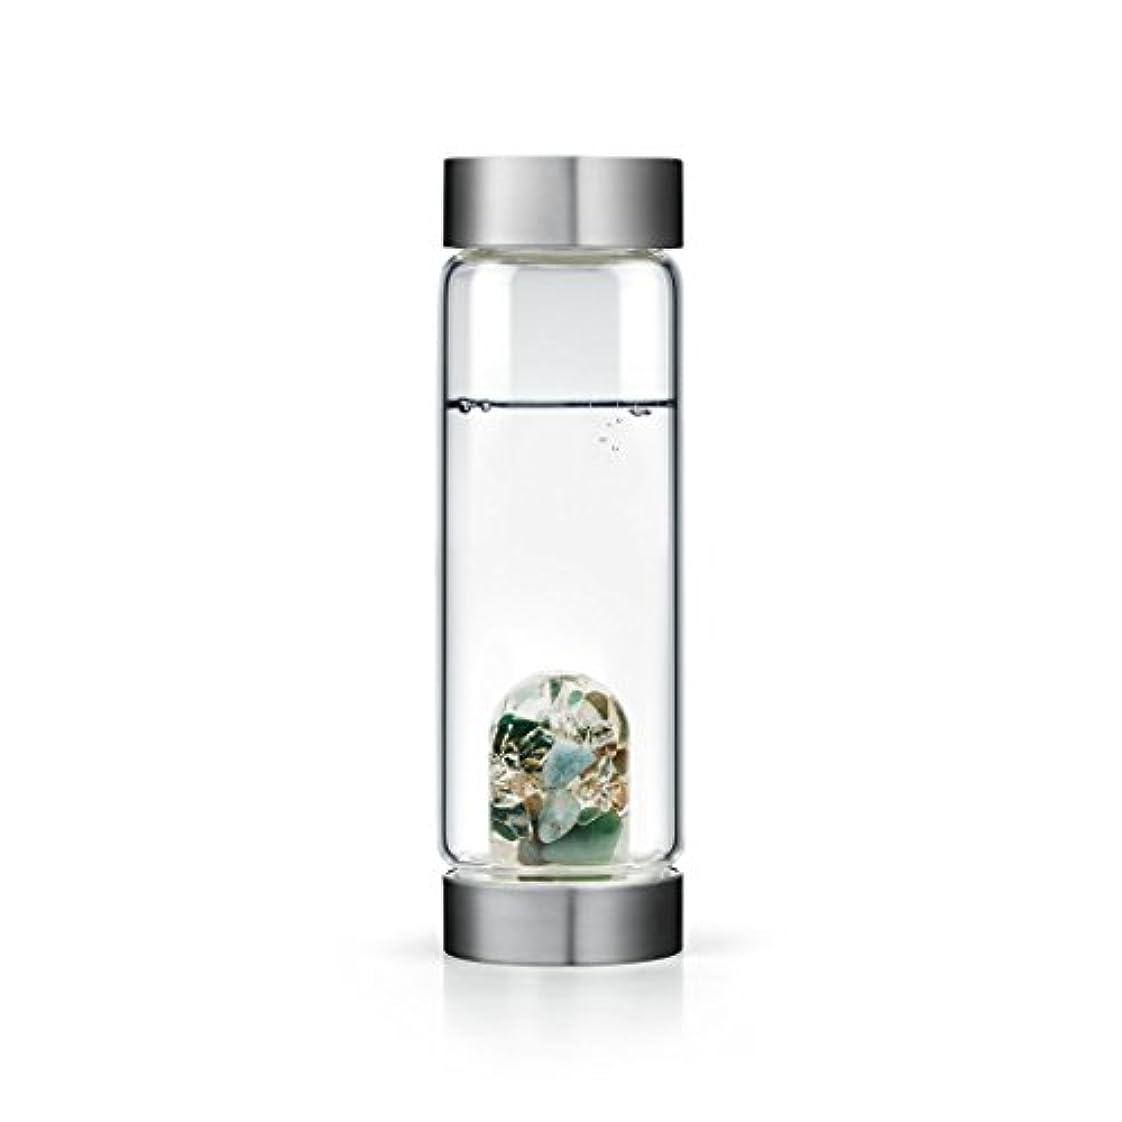 ポット犯人調べるForever Young gem-waterボトルby VitaJuwel W / Freeカリフォルニアホワイトセージバンドル 16.9 fl oz